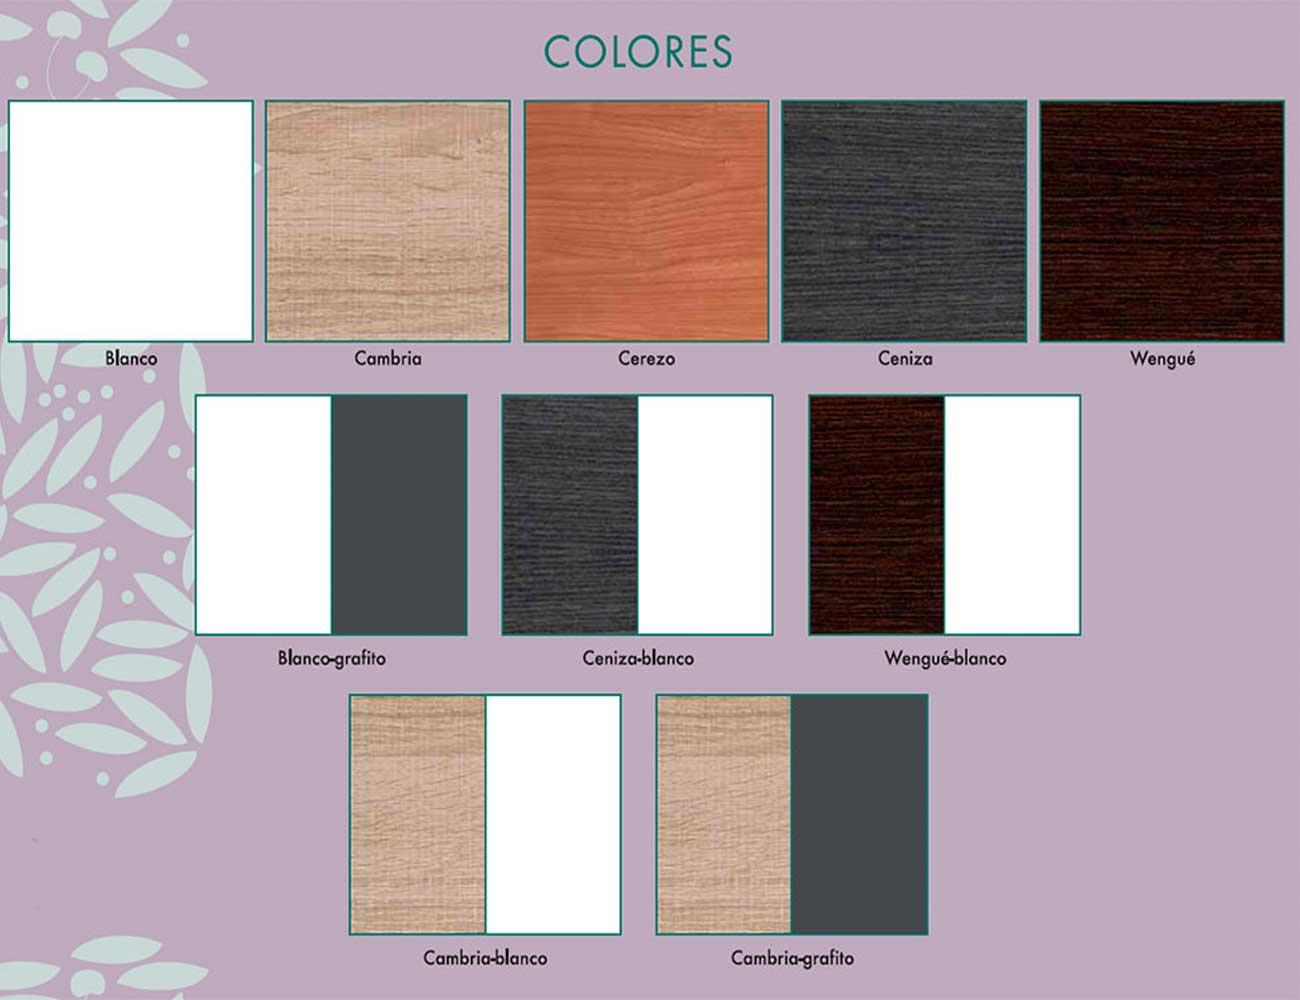 Salon colores3